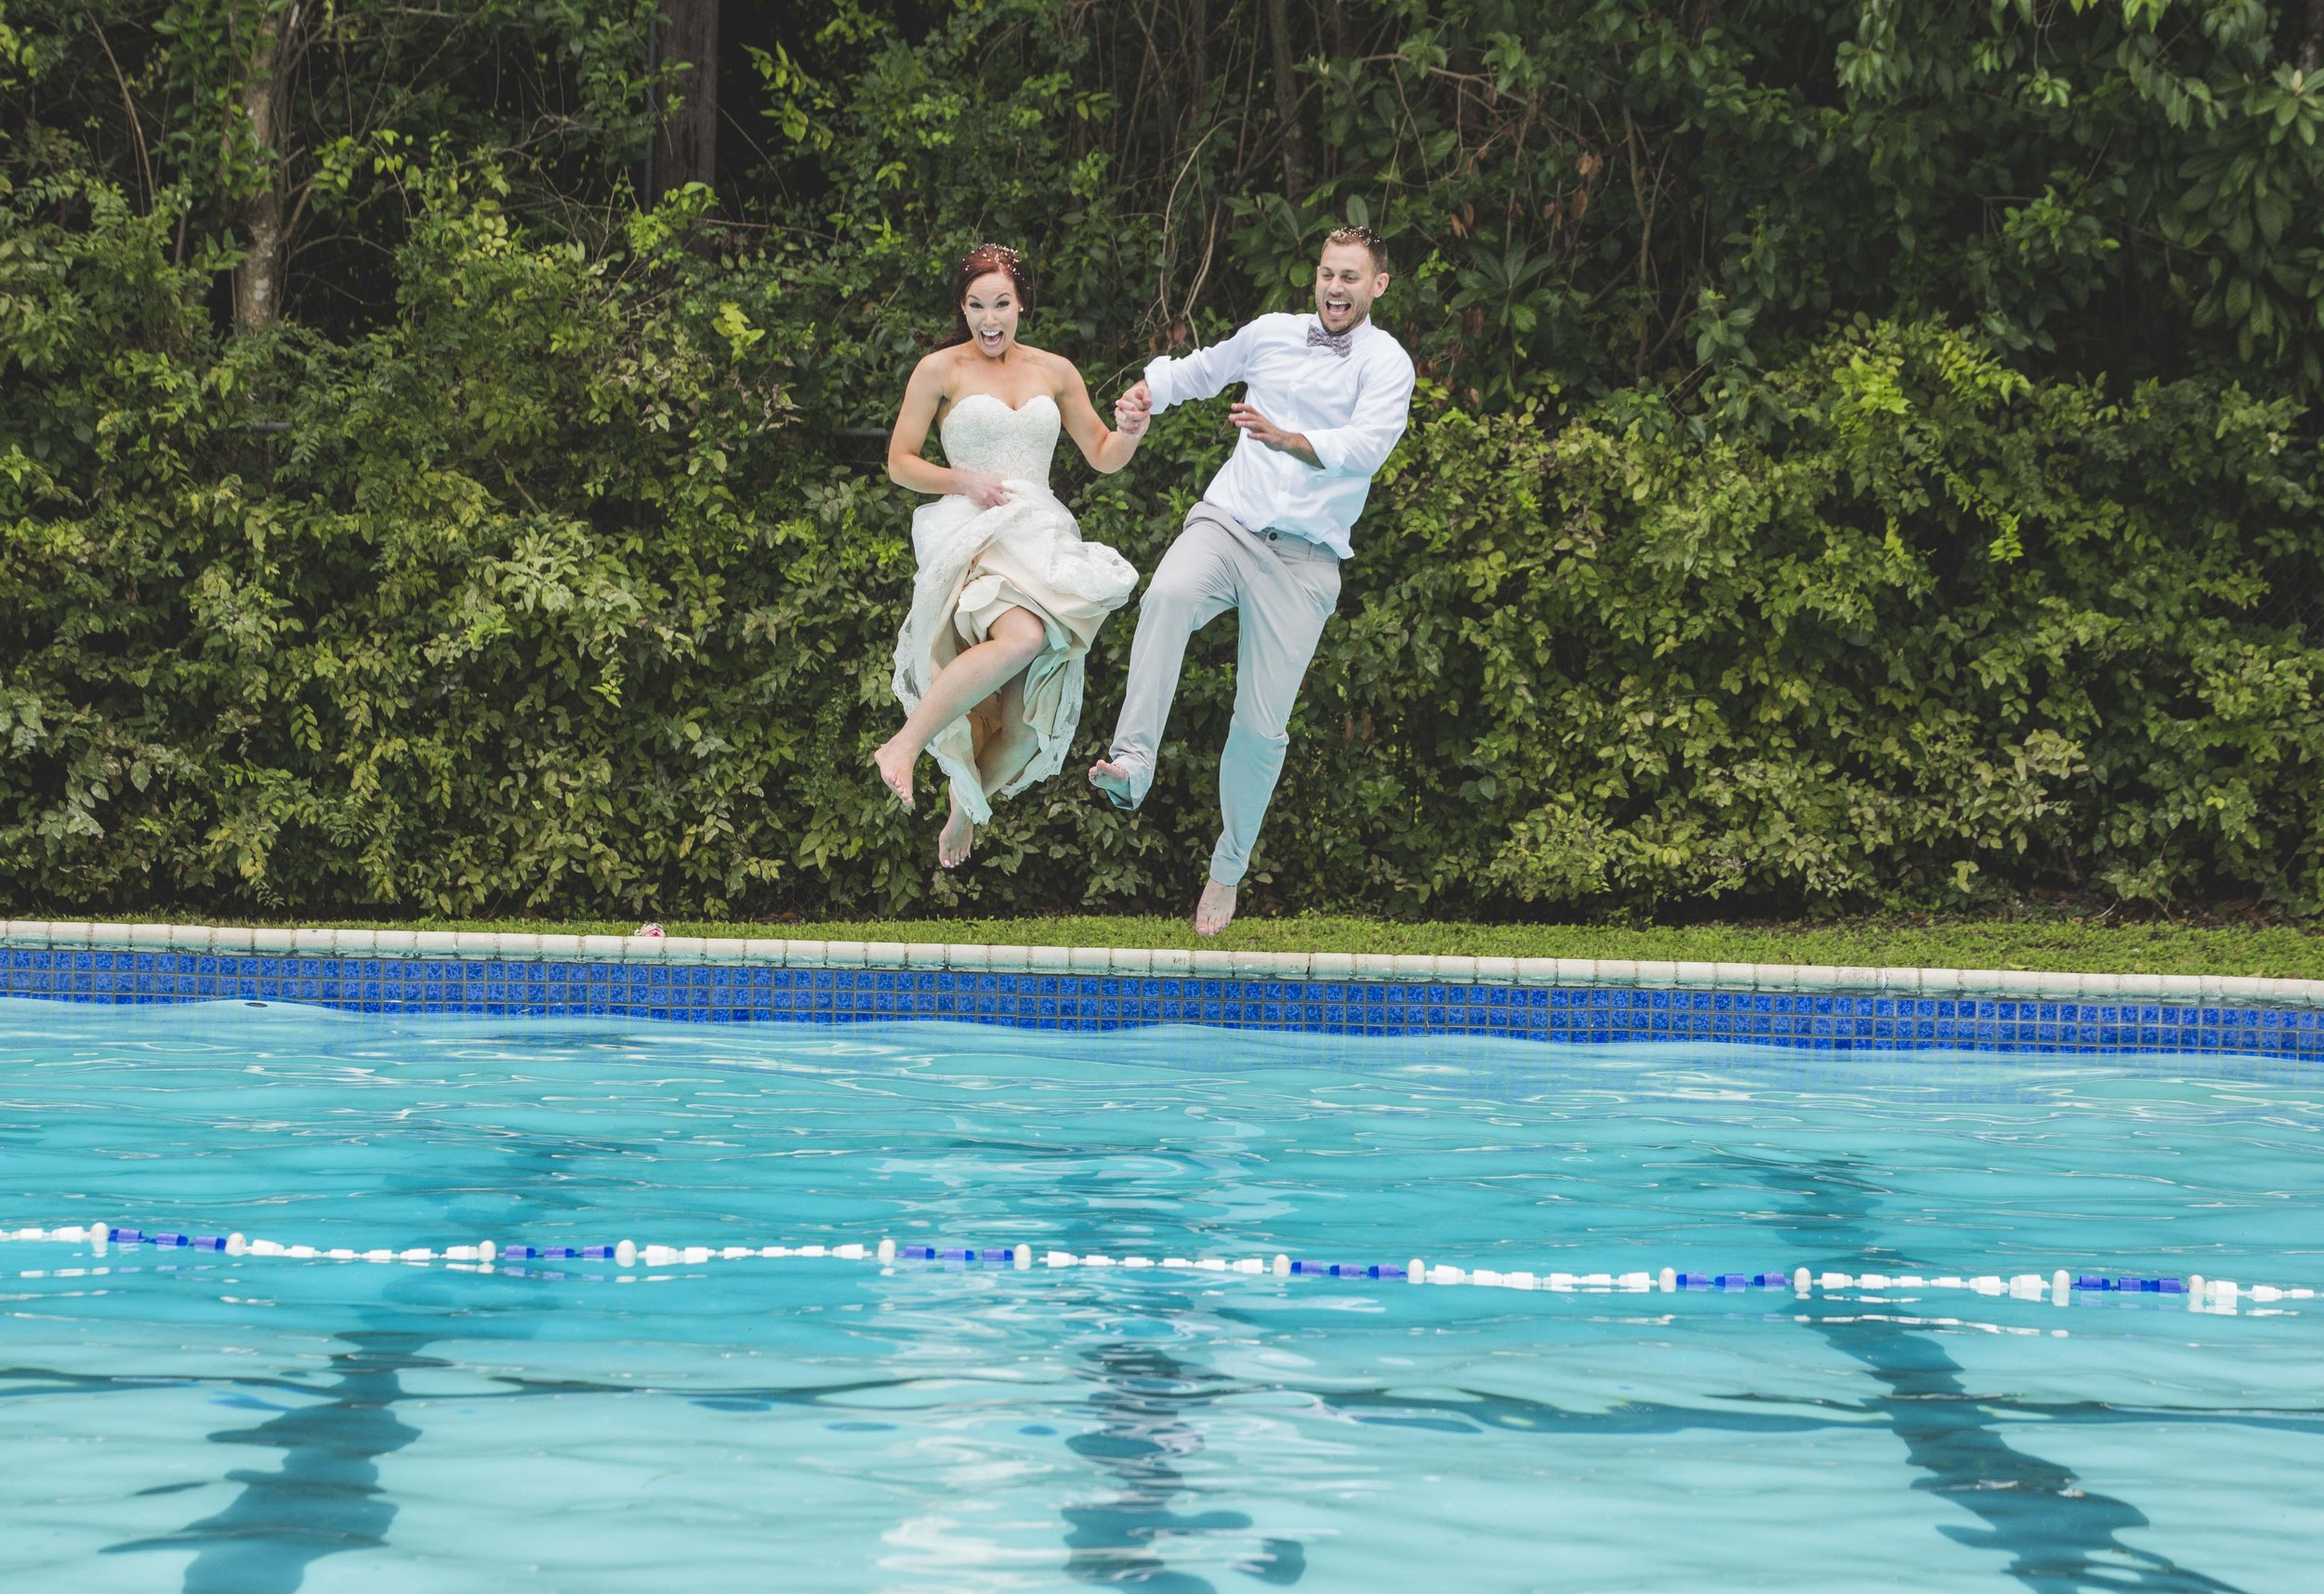 ATGI_Susanna & Matt Wedding_717A8852.jpg